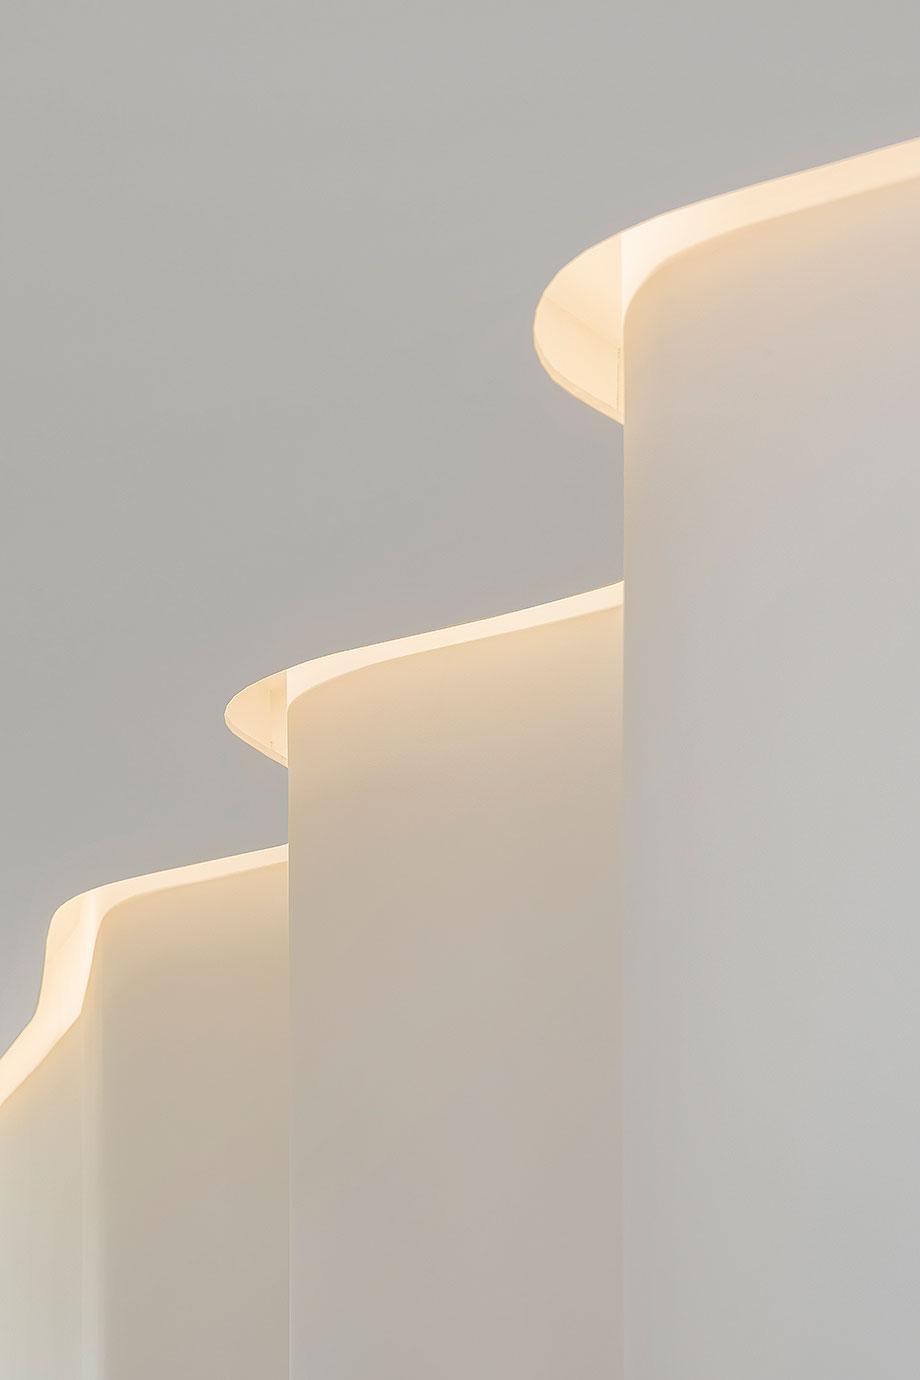 centro de bienestar belife de romulo neto arquitetos (5) - foto ivo tavares